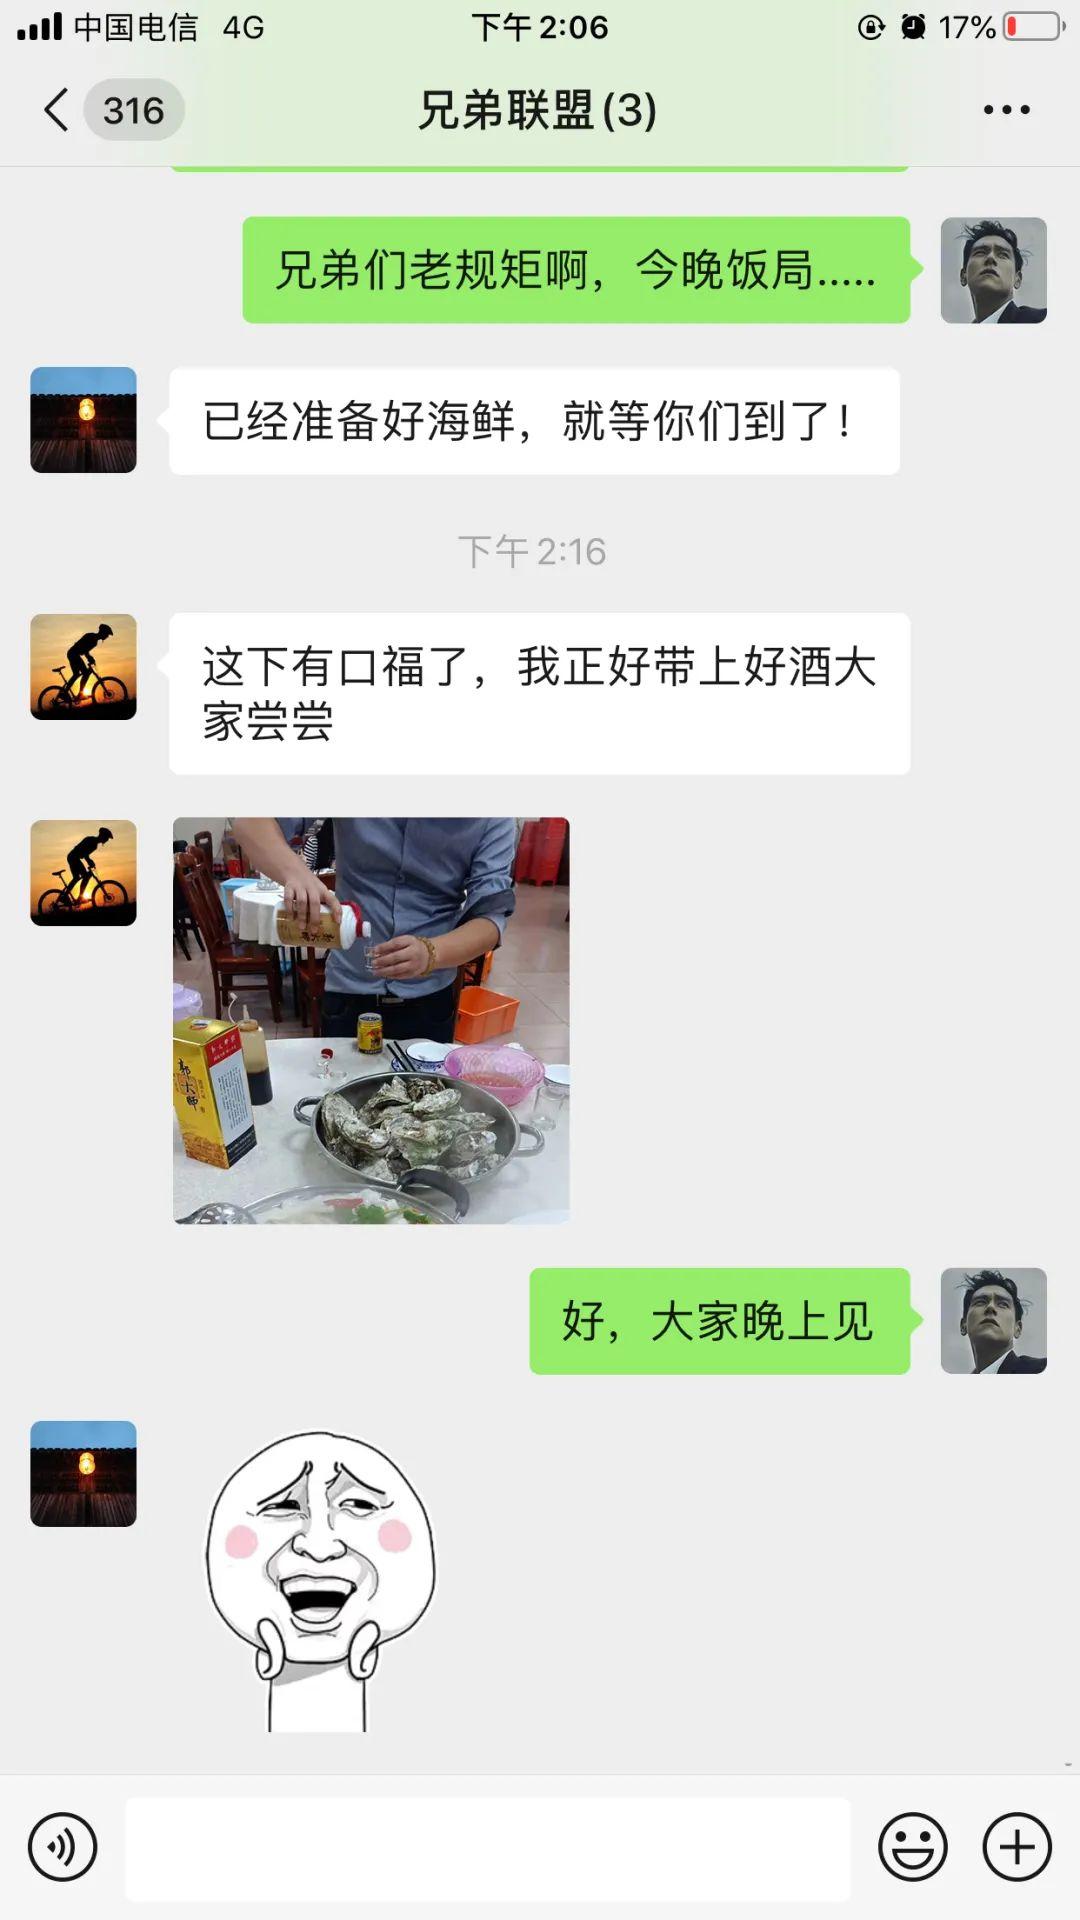 国酒大师手酿『五年53度柔雅酱香酒』,1口喝出1200年前的味道插图4